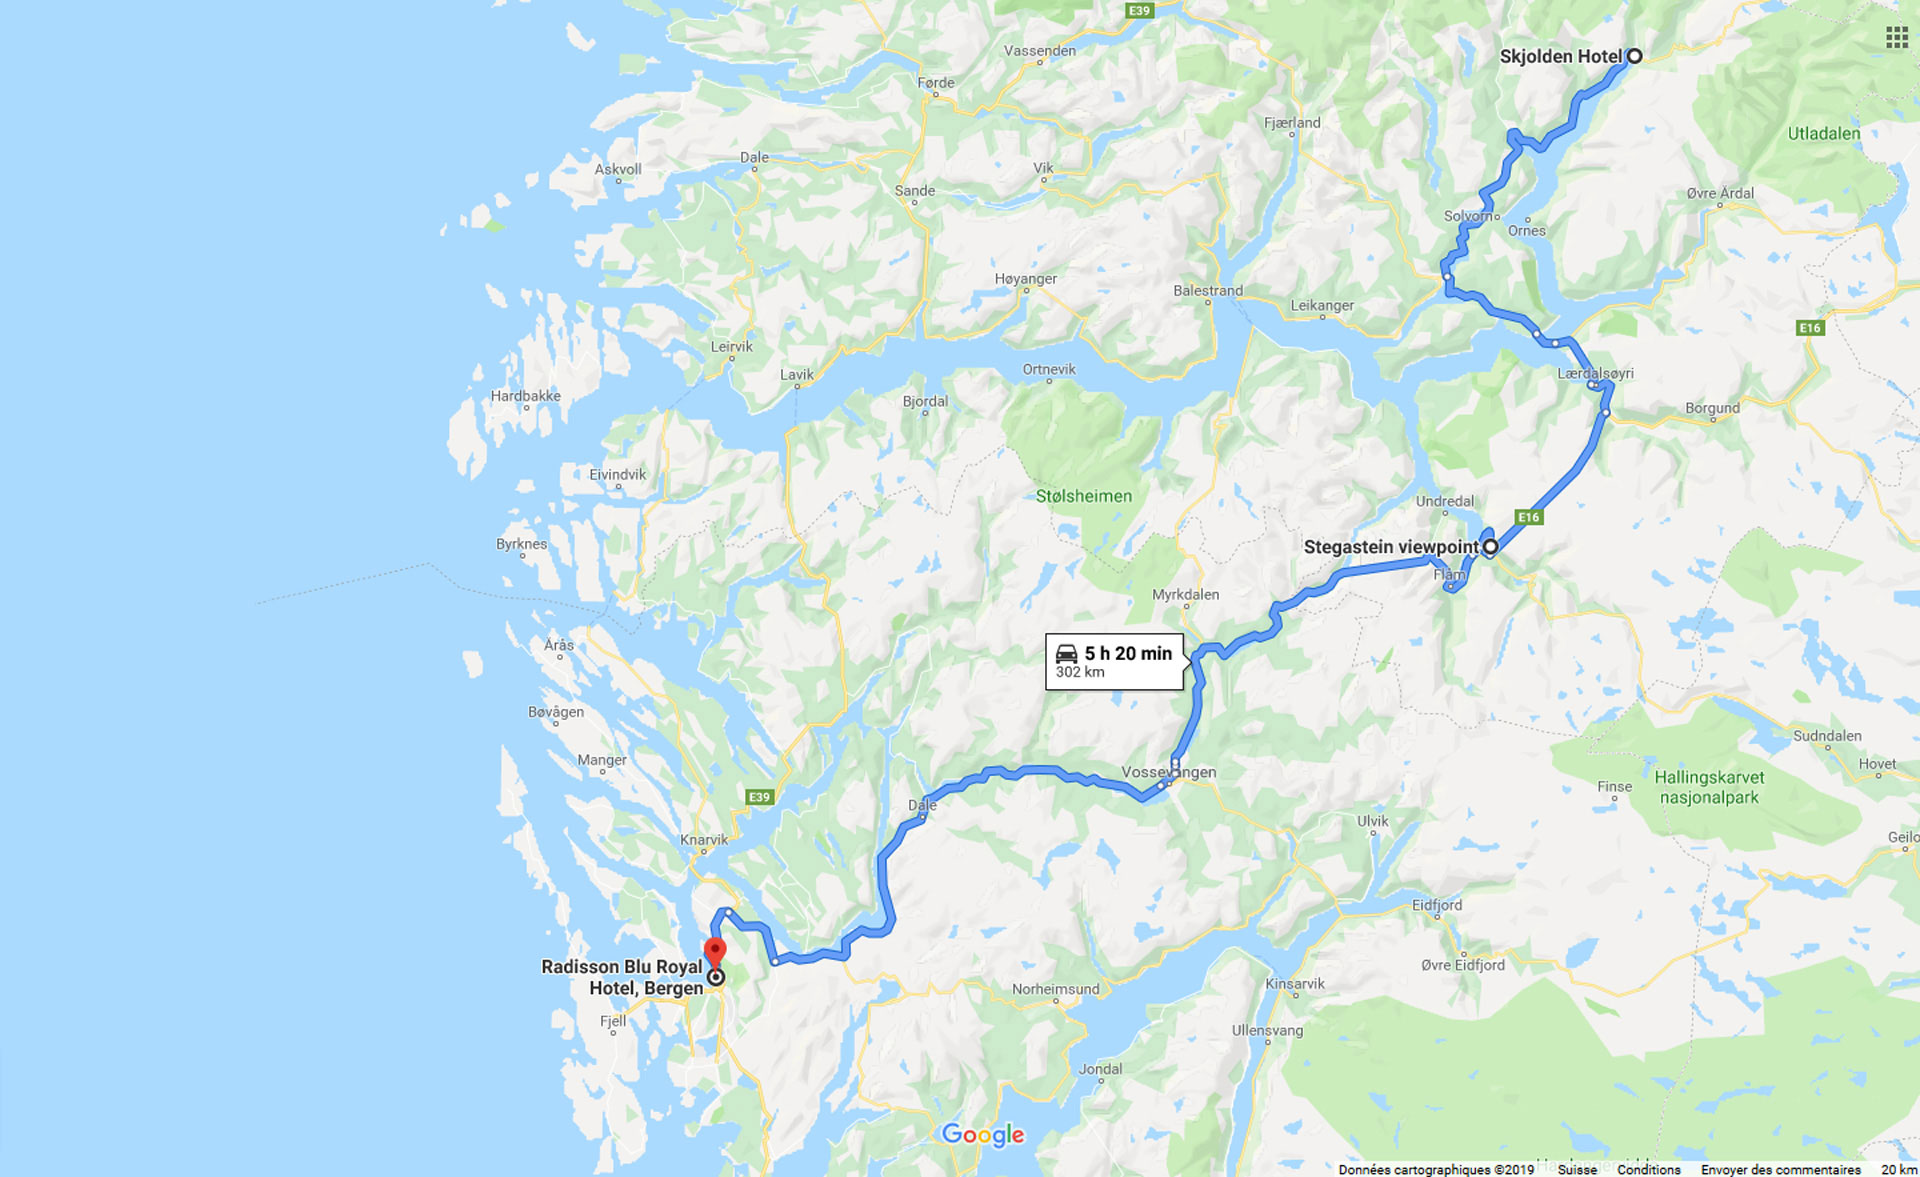 2019, skjolden, bergen, norvege